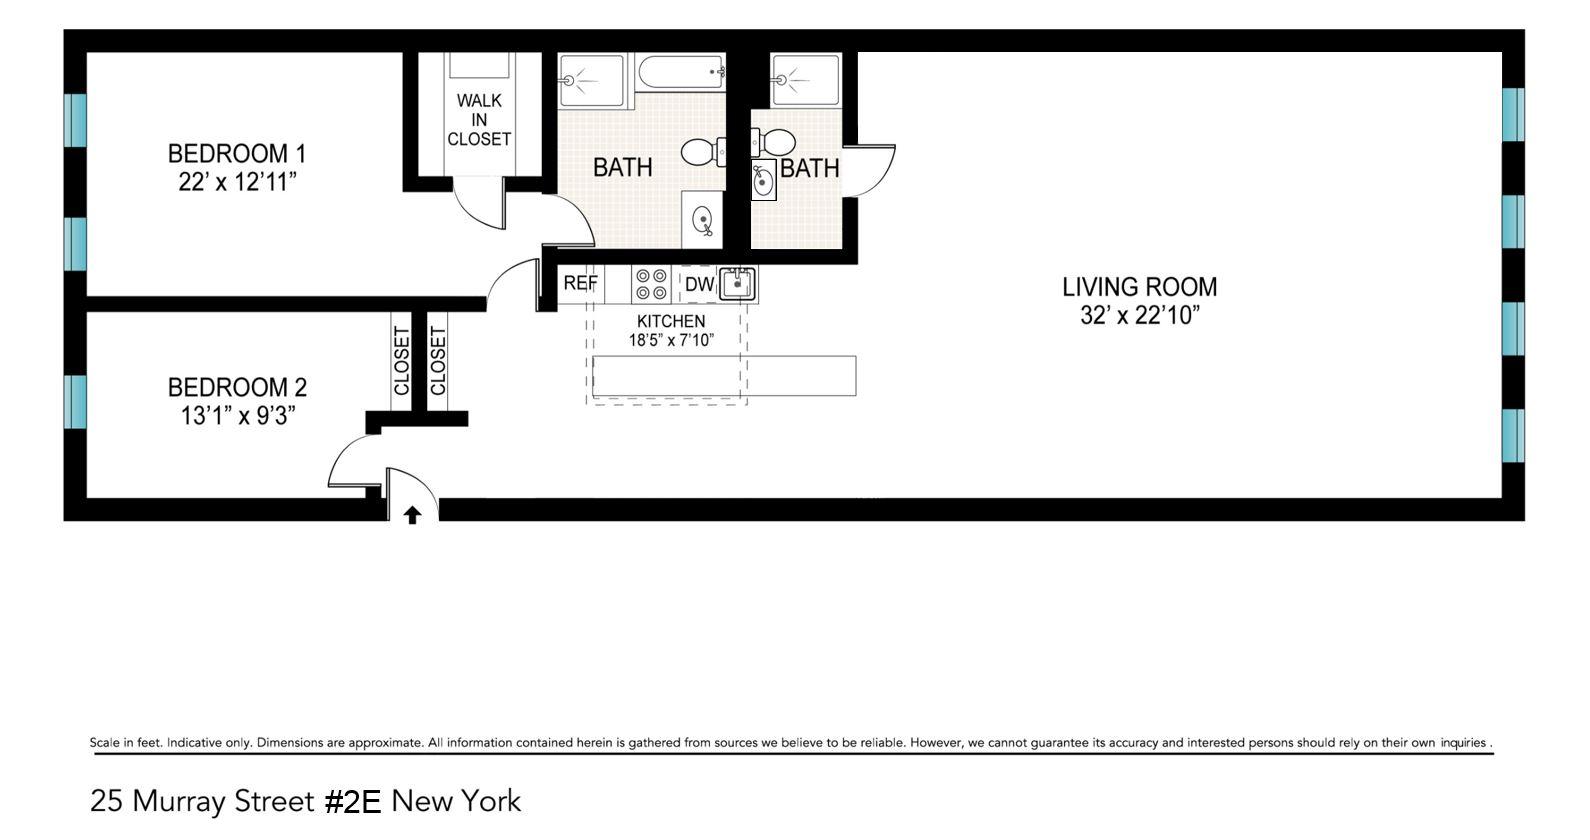 Floor plan of Tribeca Space Condo, 25 Murray St, 2E - TriBeCa, New York